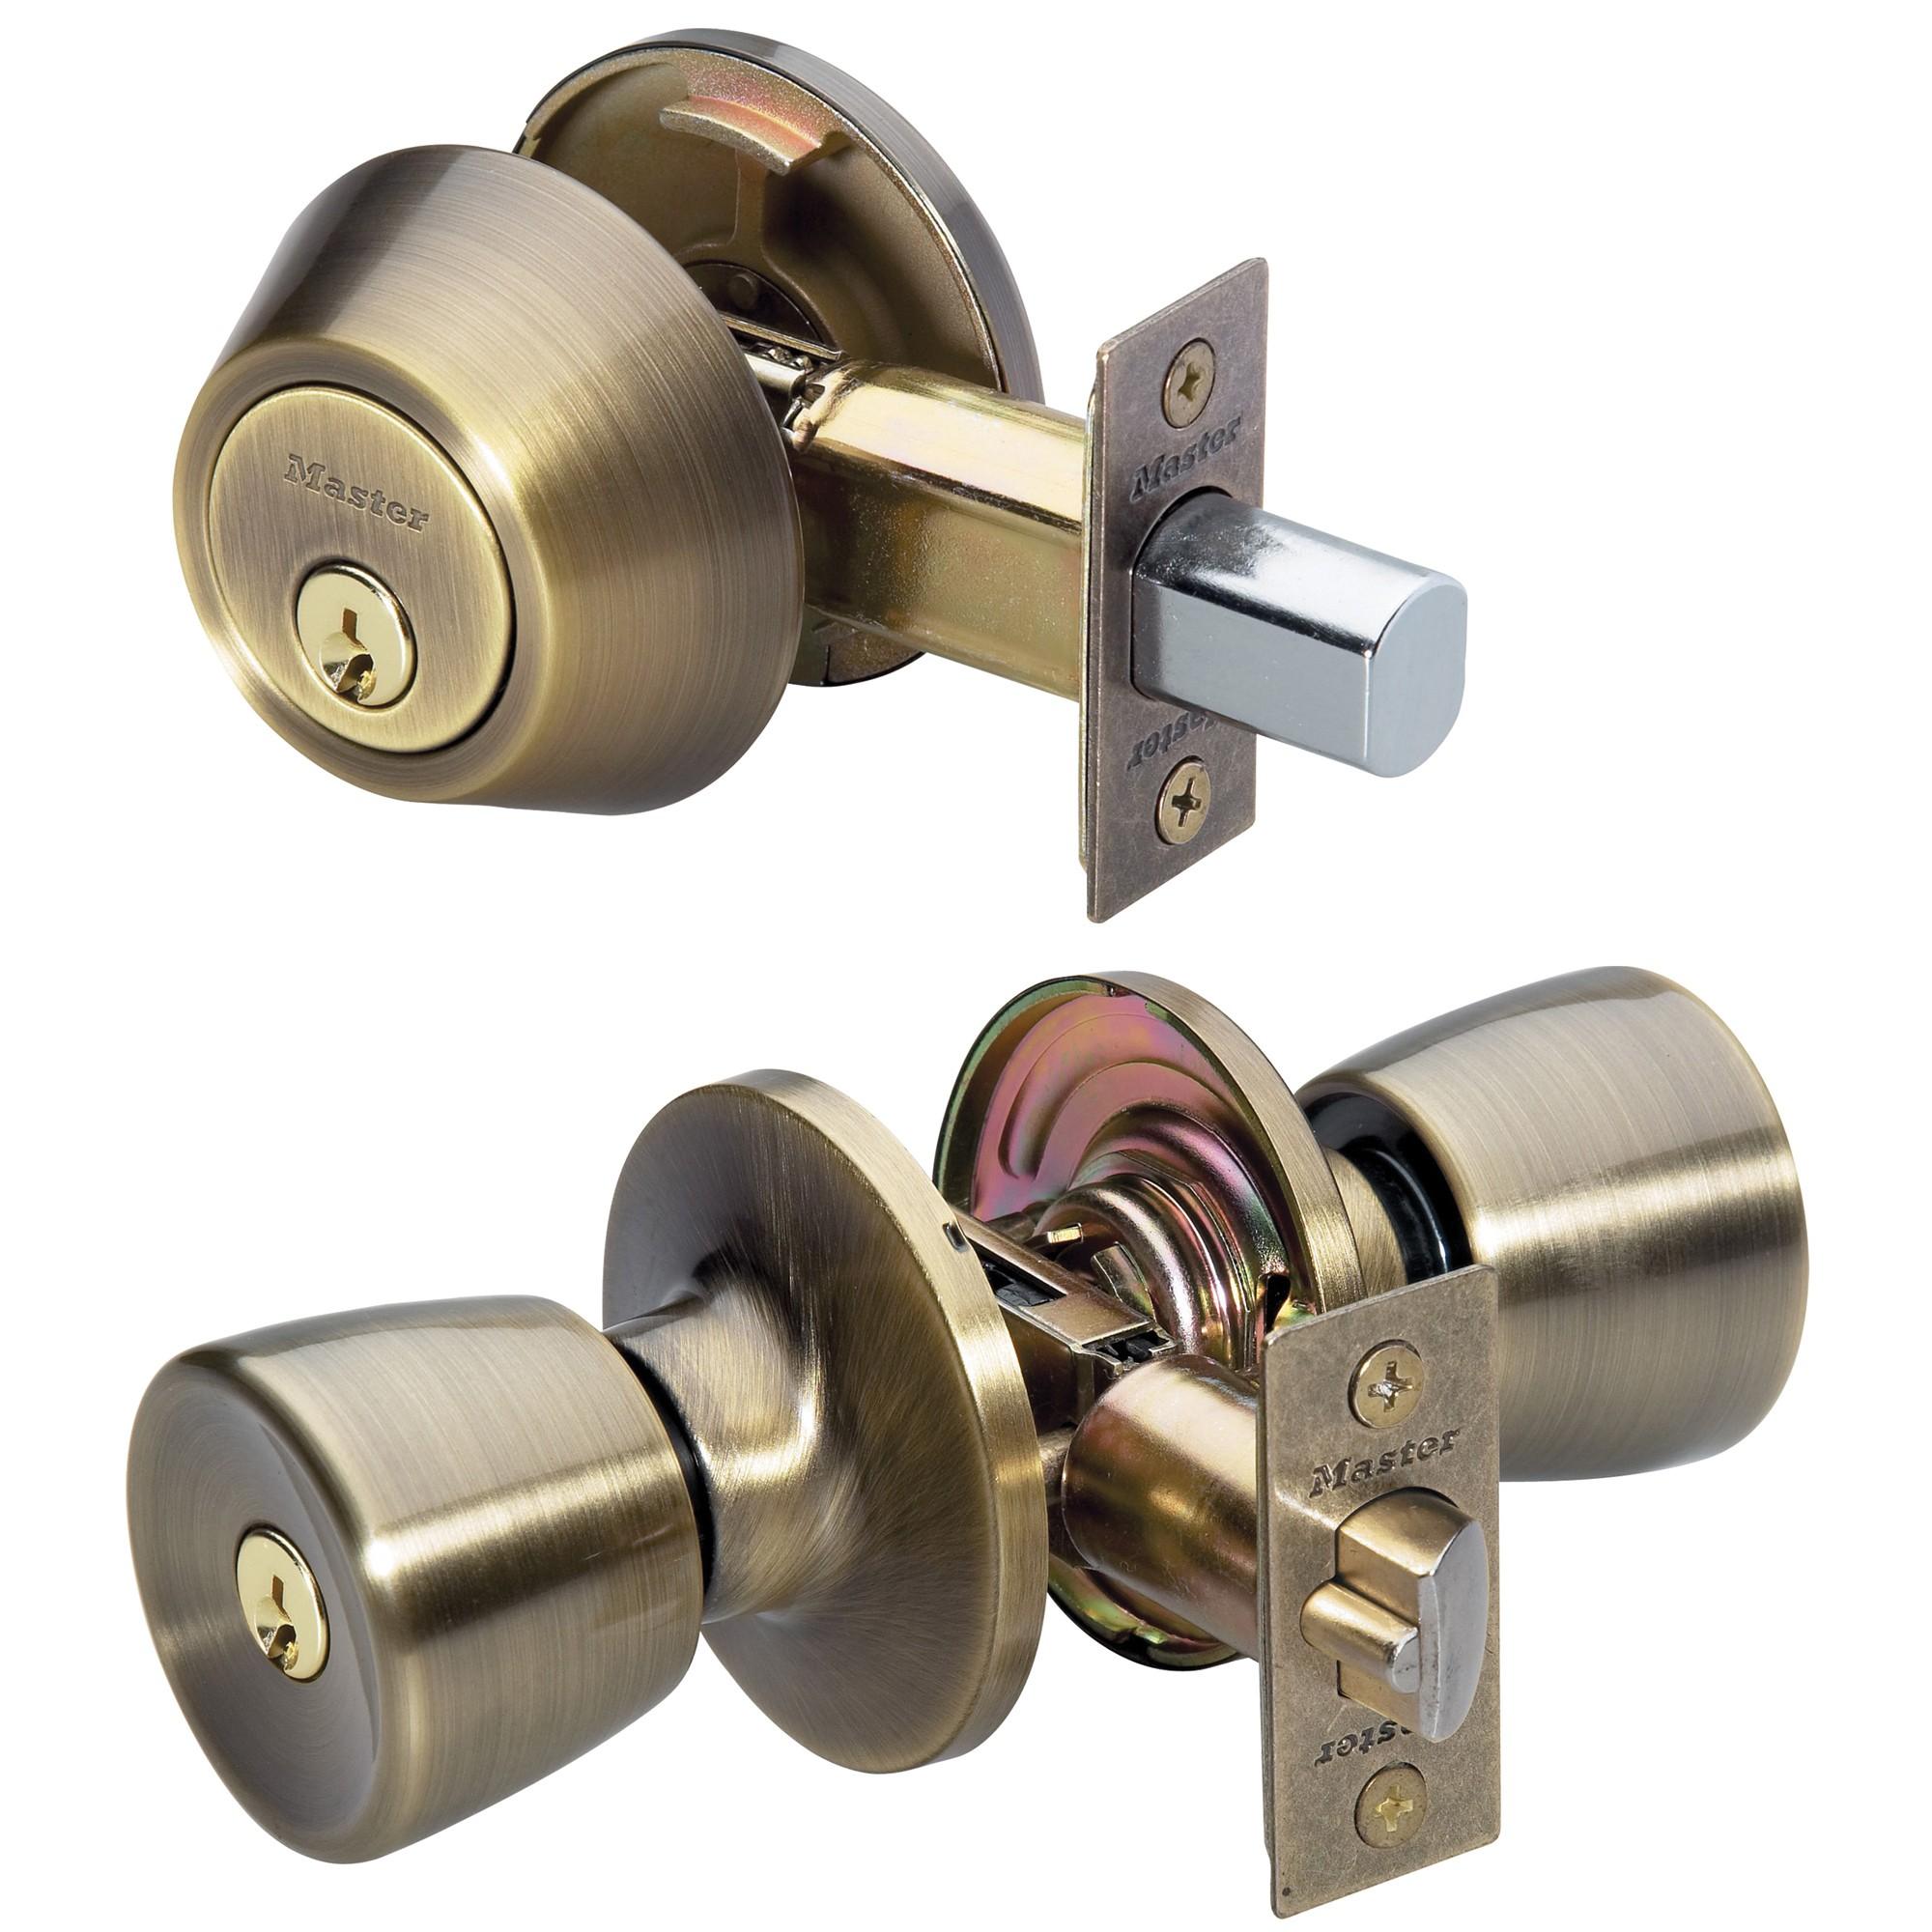 door knob accessories photo - 7